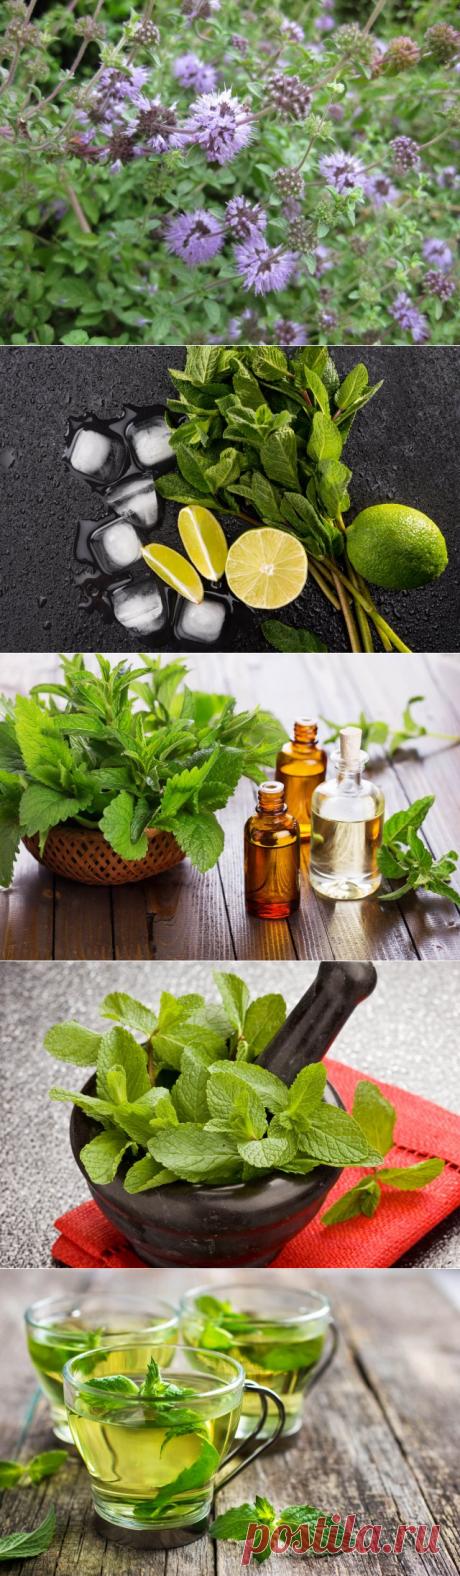 14 причин посадить мяту на своем участке | Полезно (Огород.ru)